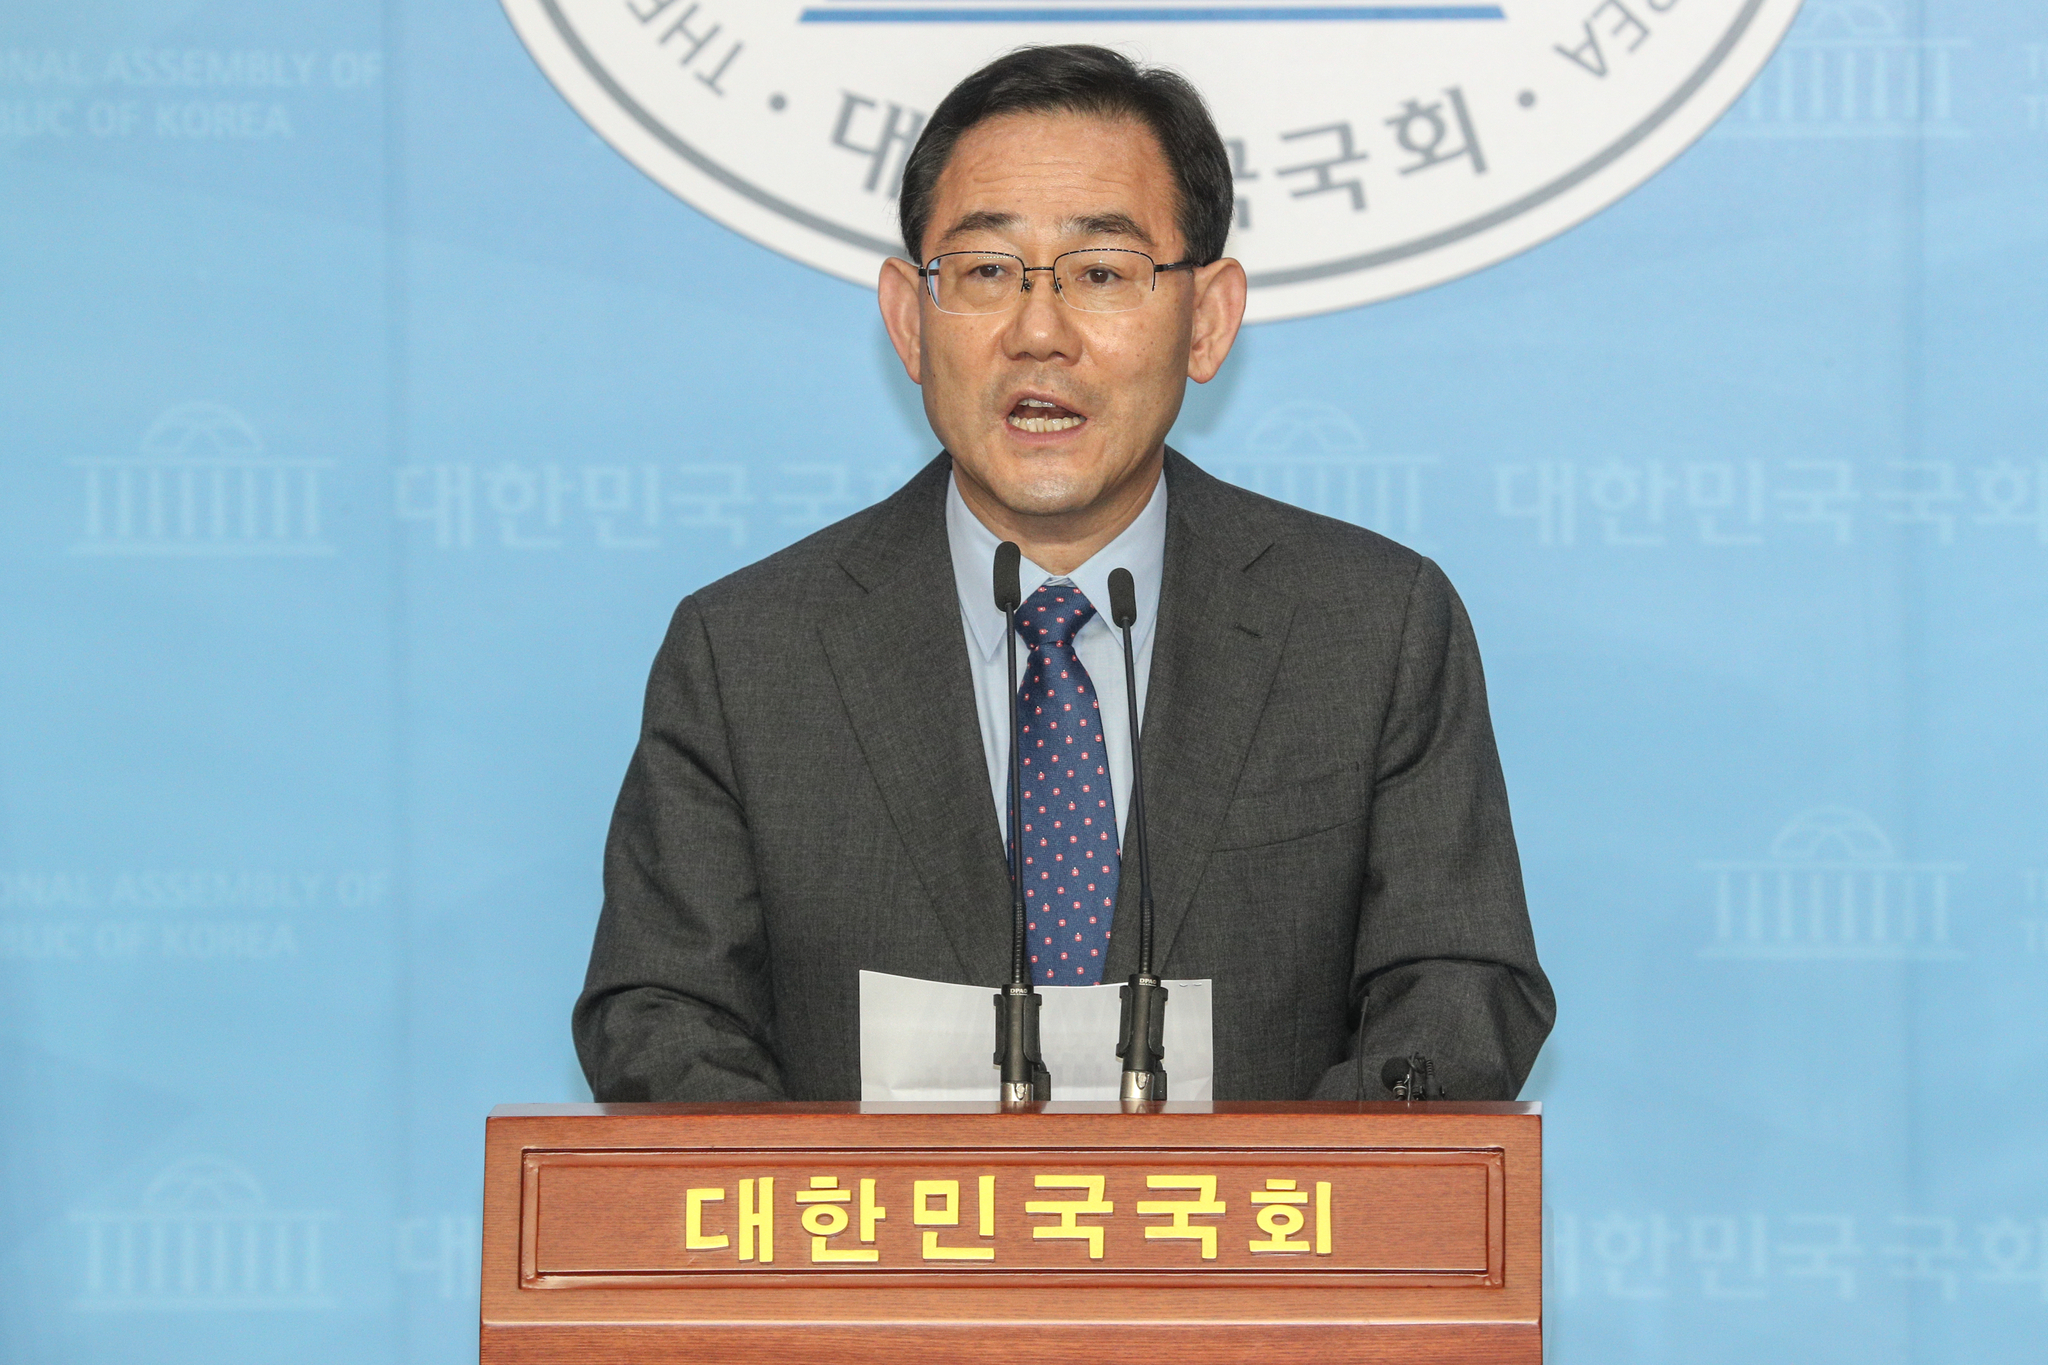 주호영 미래통합당 원내대표가 15일 서울 여의도 국회 소통관에서 원 구성 관련 기자회견을 하고 있다. 뉴스1